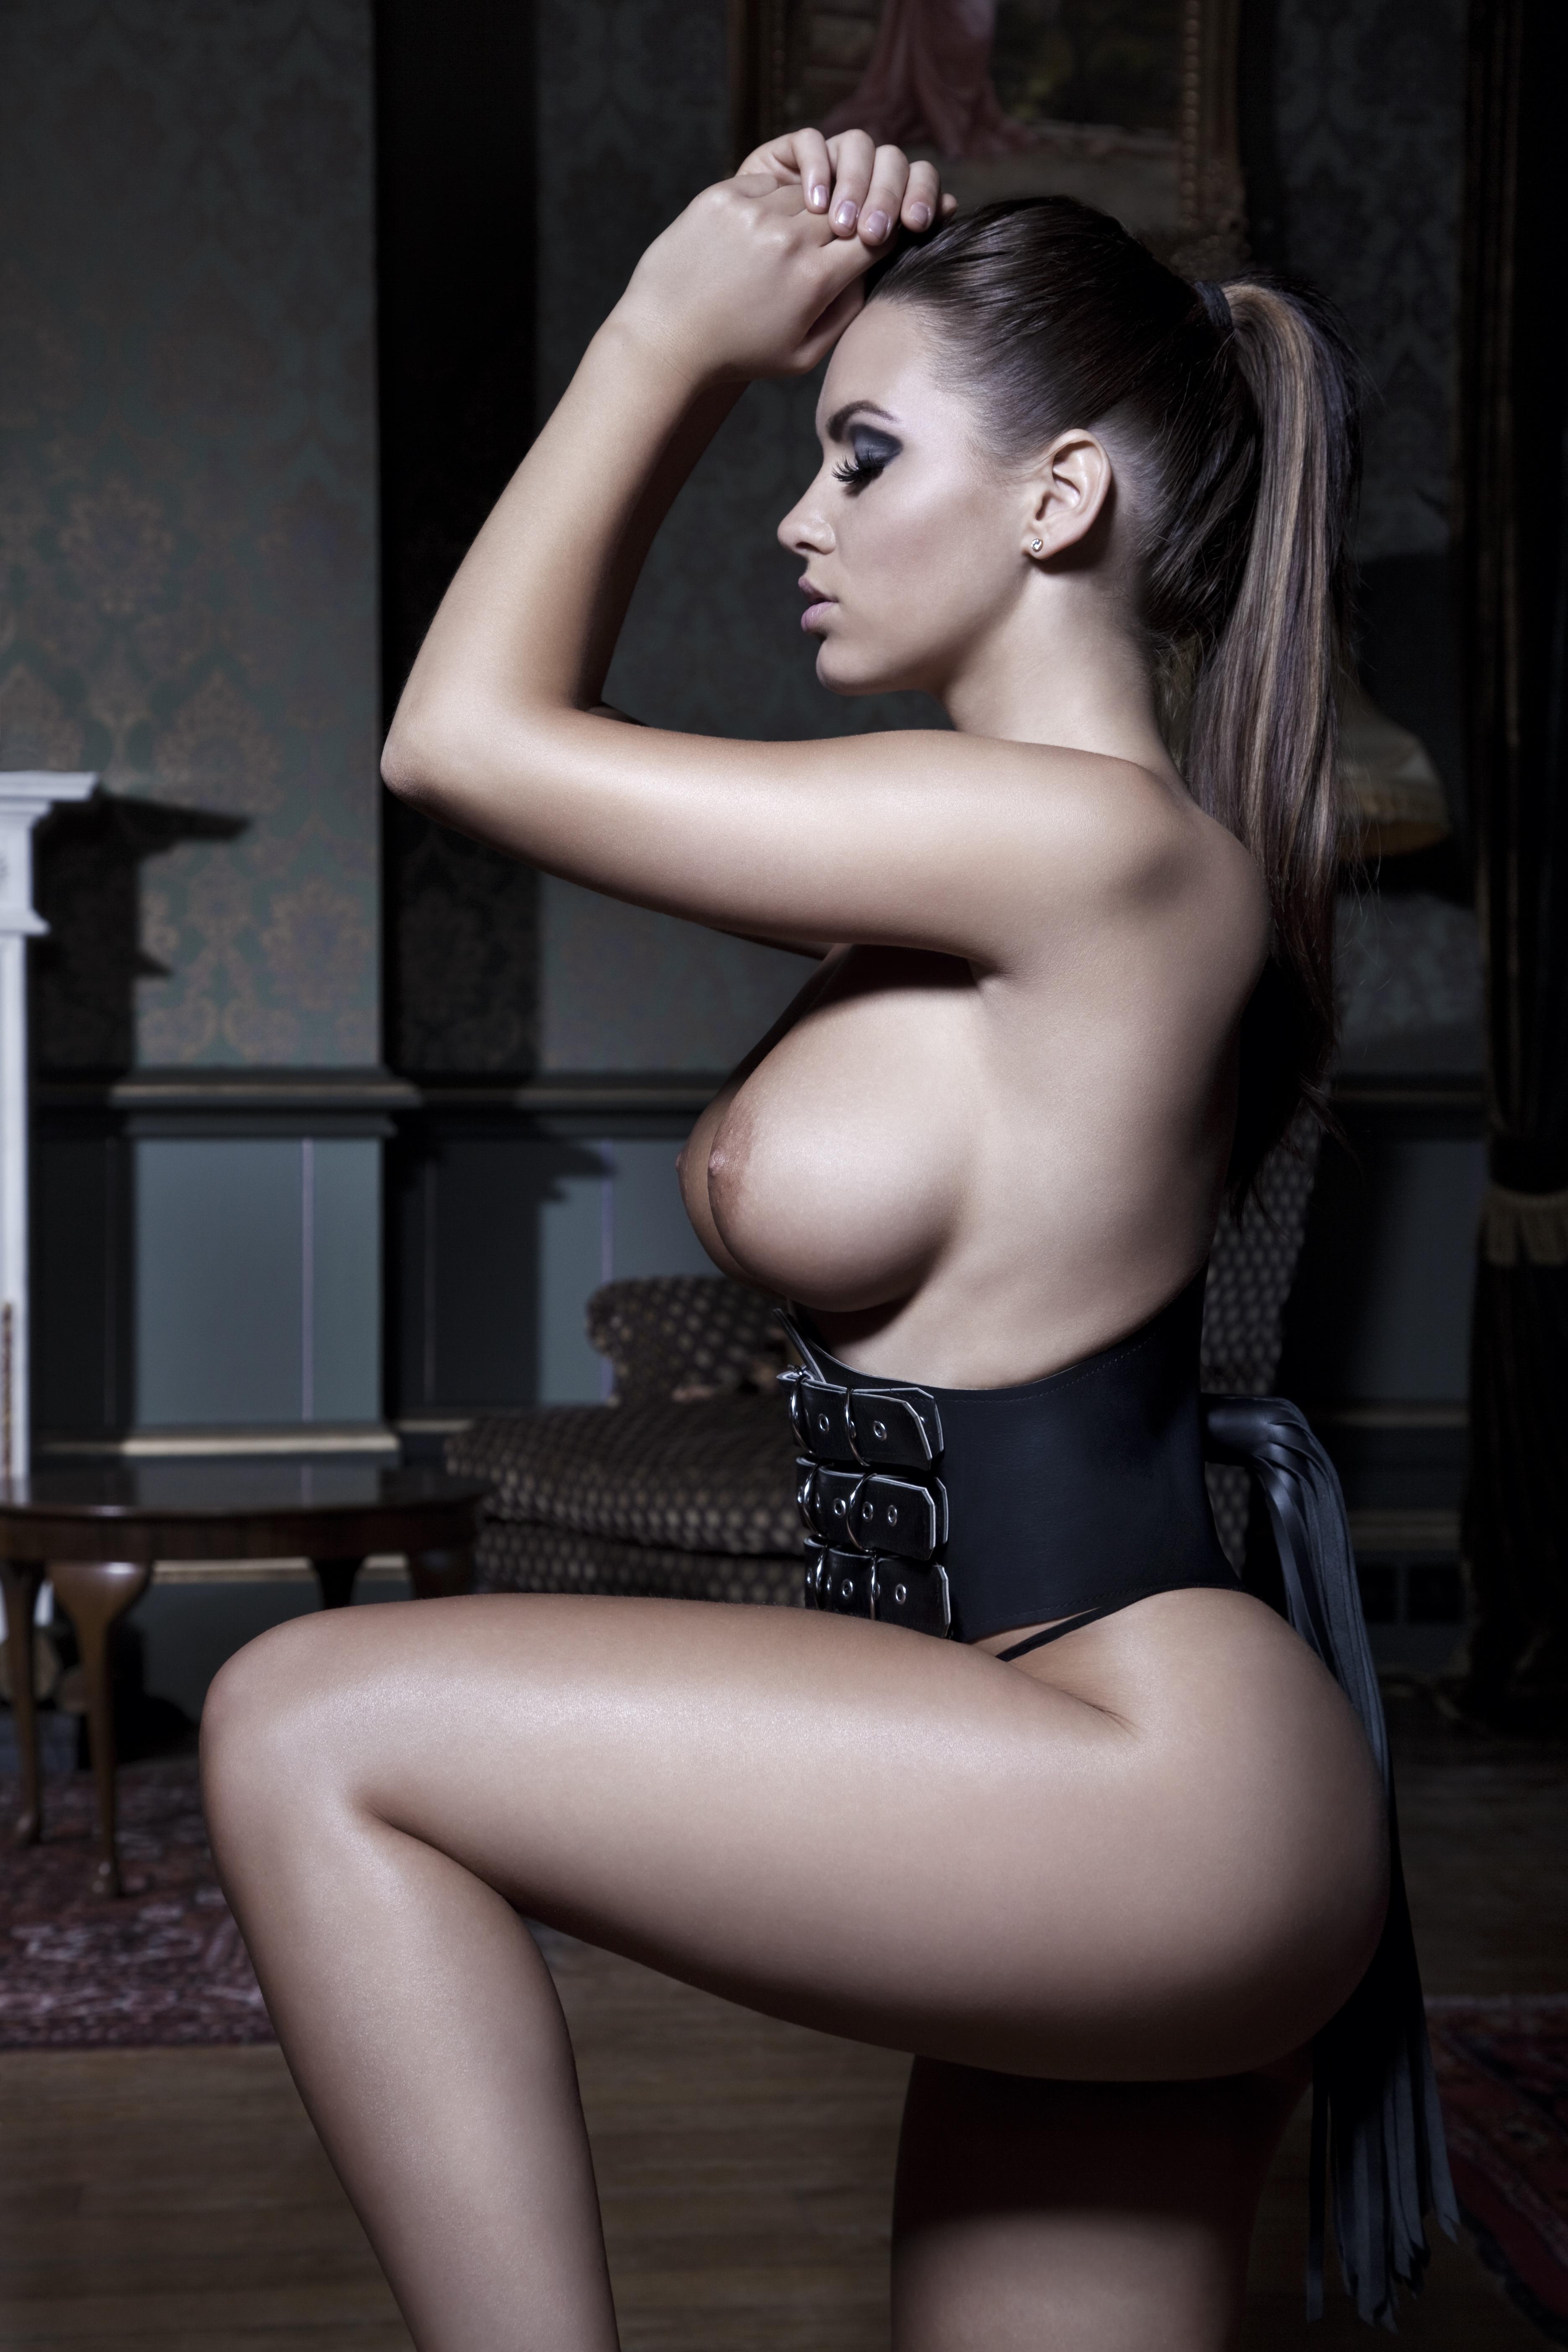 sabine-jemeljanova-sexy-lingerie-9